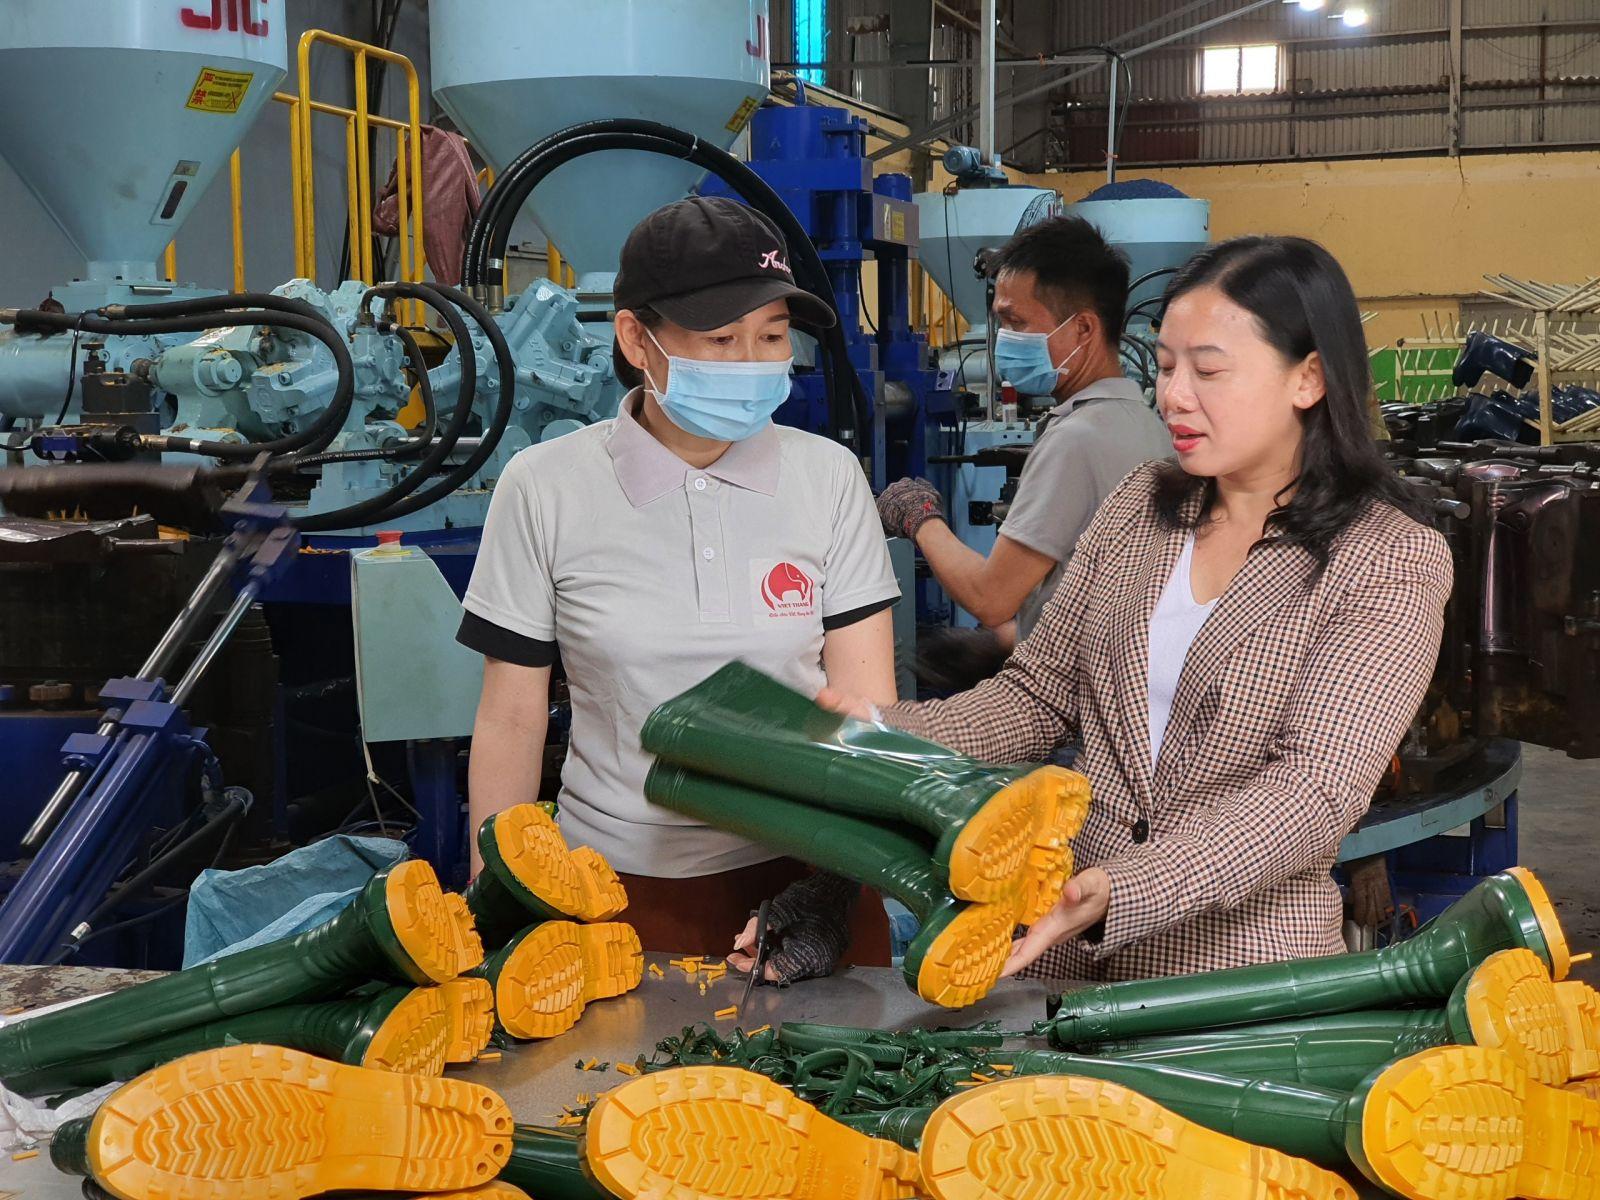 Giám đốc Nguyễn Thị Dung luôn là người gần gũi, quan tâm, chia sẻ mọi khó khăn với người lao động, chăm lo đời sống người lao động.